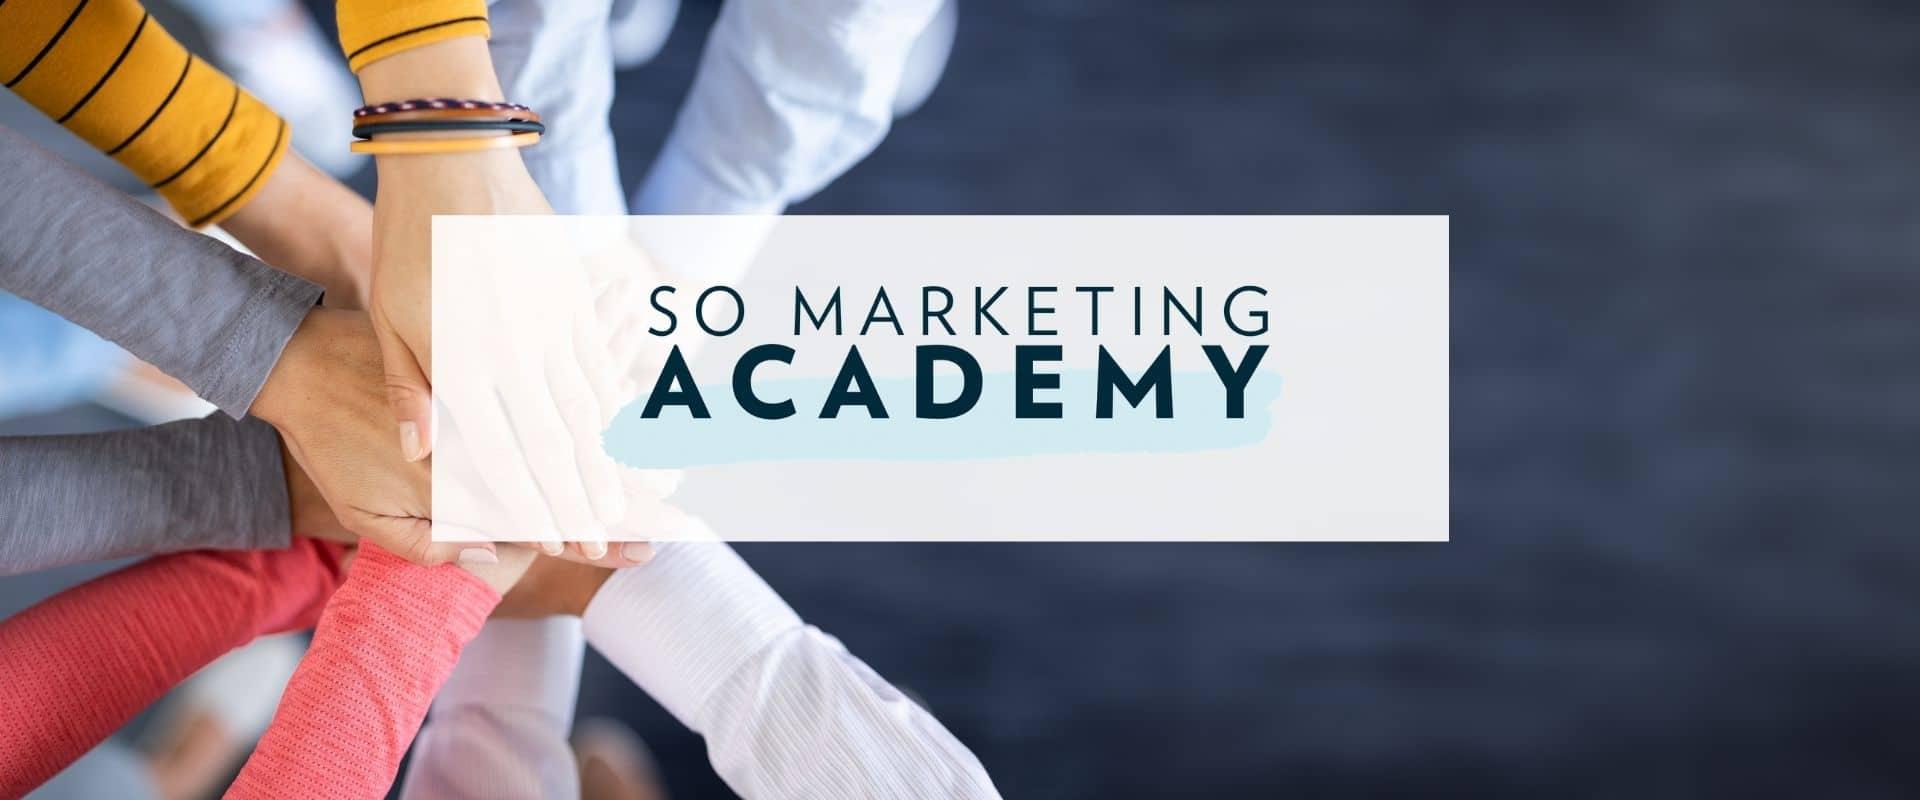 somarketing academy